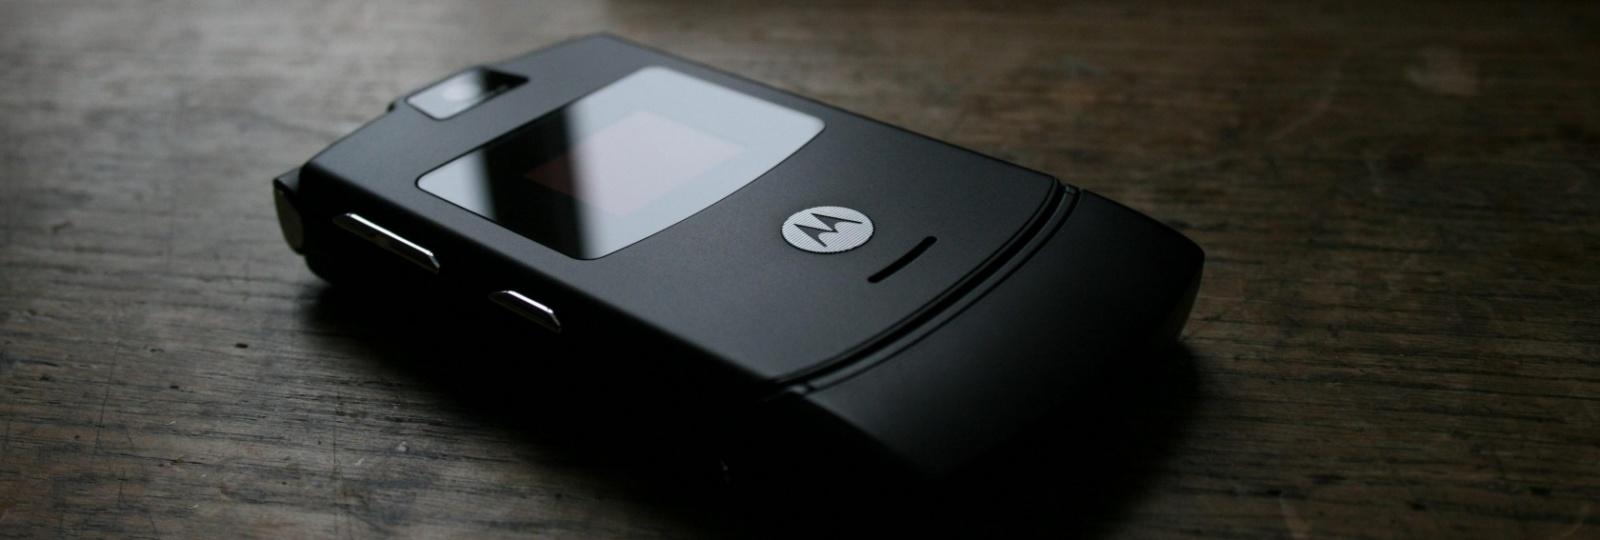 После Nokia 3310 возродиться может еще одна легенда — Motorola Razr V3 - 1